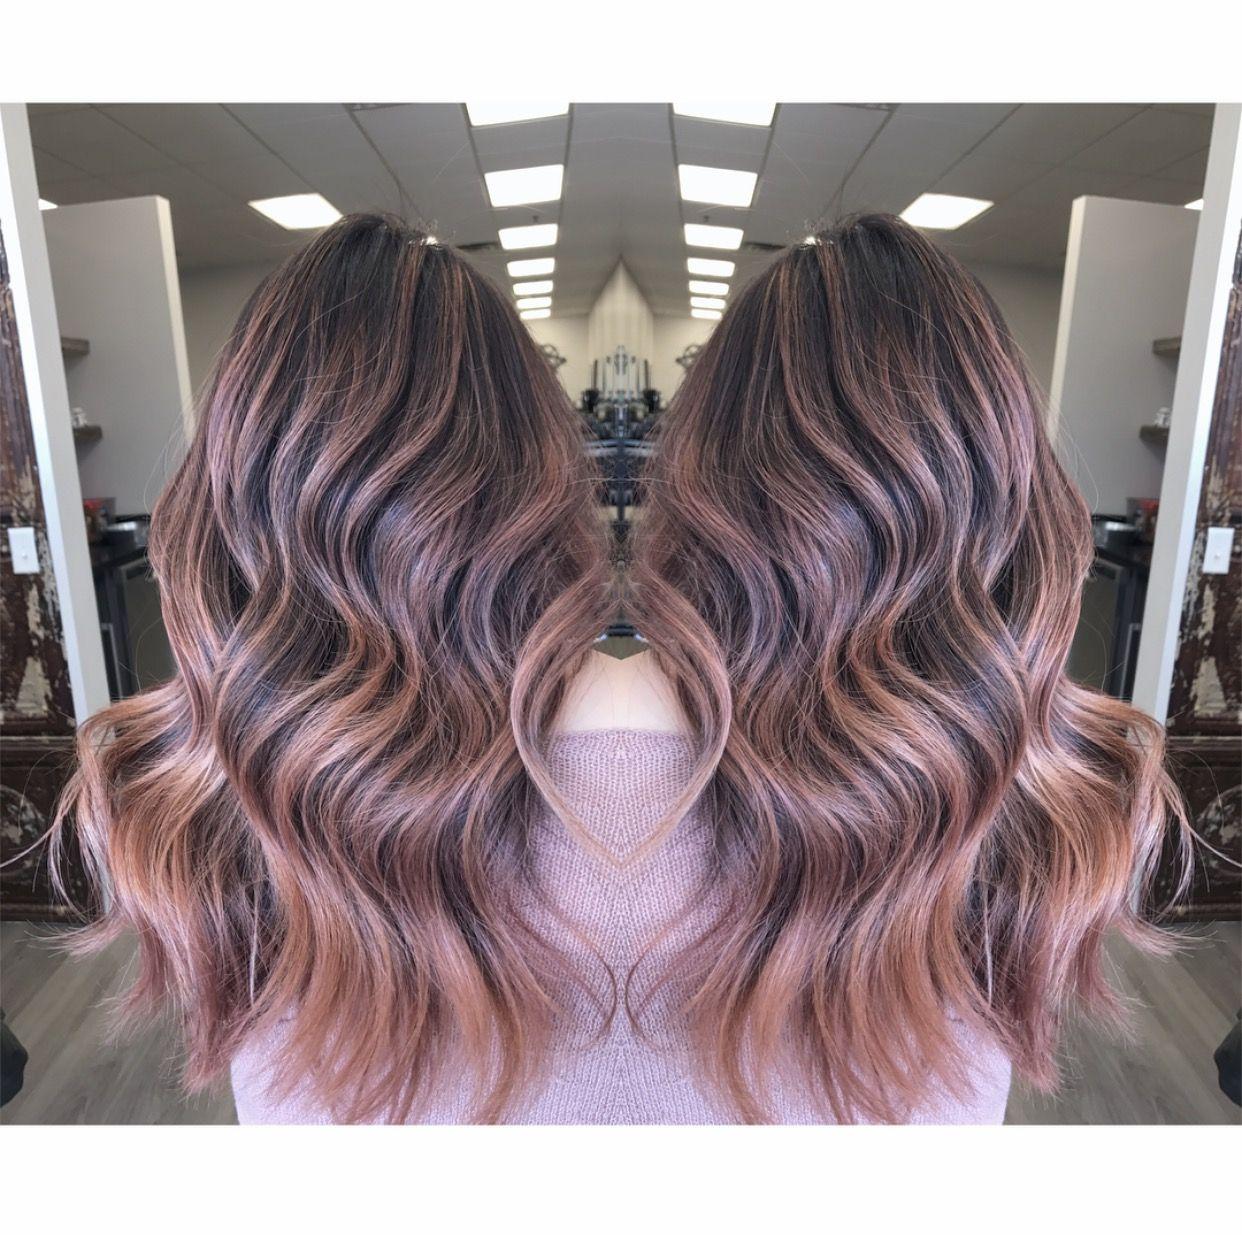 Omikonghmu Salonorianamn Xoxomikong Hair Haircolor Hairmagic Haircolormagic Flamboyage Balayage Babylights Highlights Colormelt Rose Gold